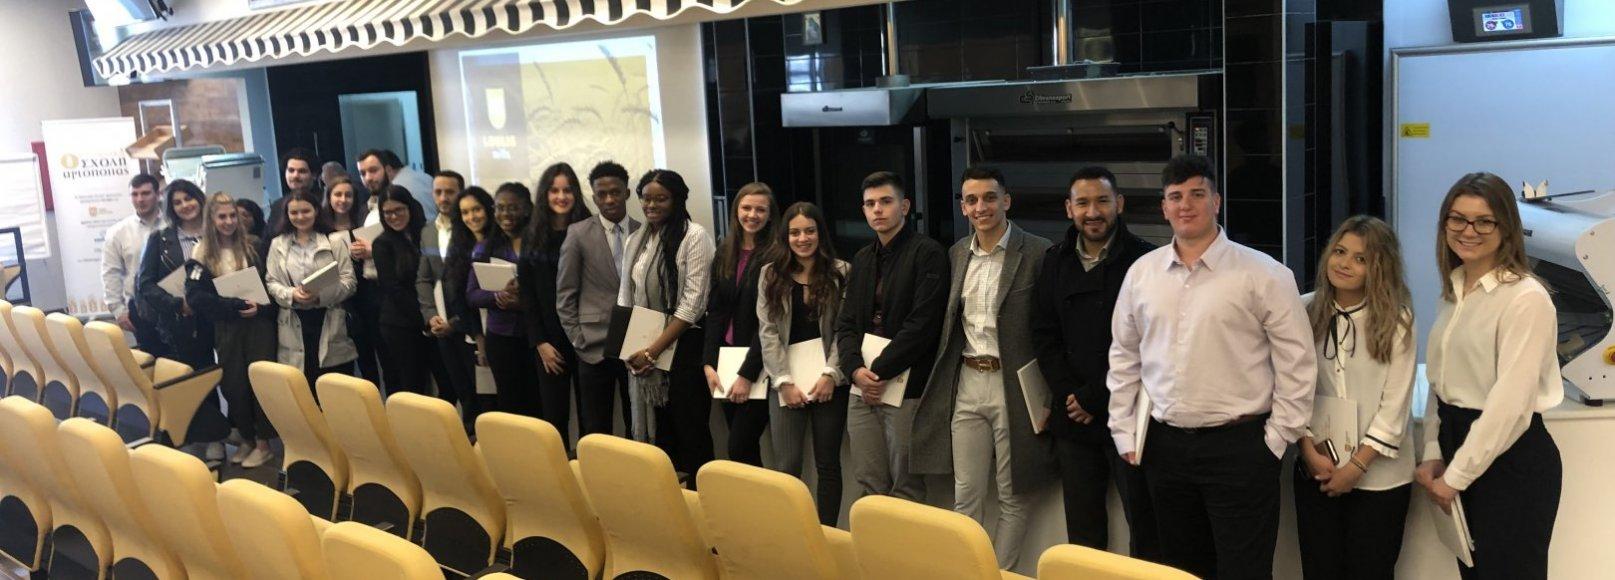 Επίσκεψη Αμερικανών φοιτητών